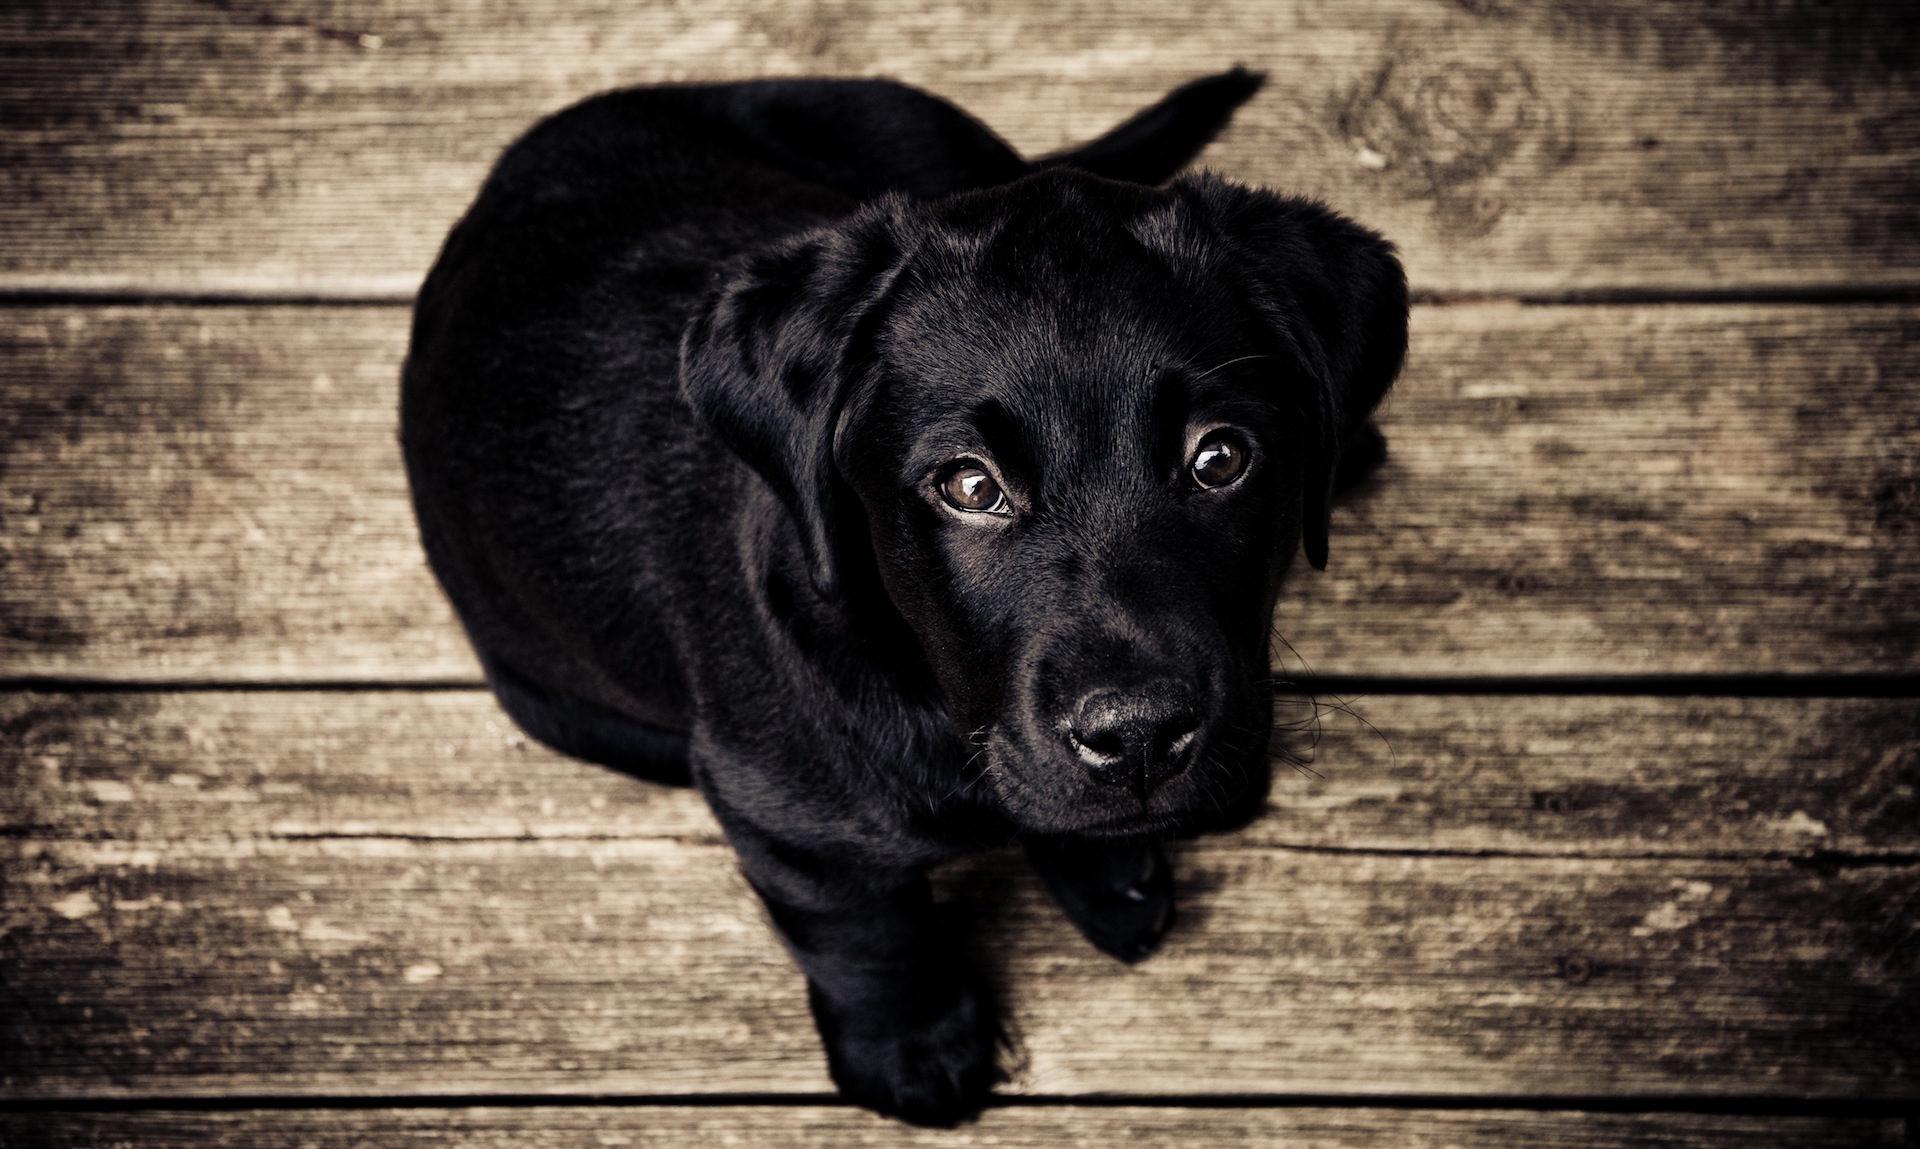 собака, Черный, Смотреть, глаза, Вуд - Обои HD - Профессор falken.com